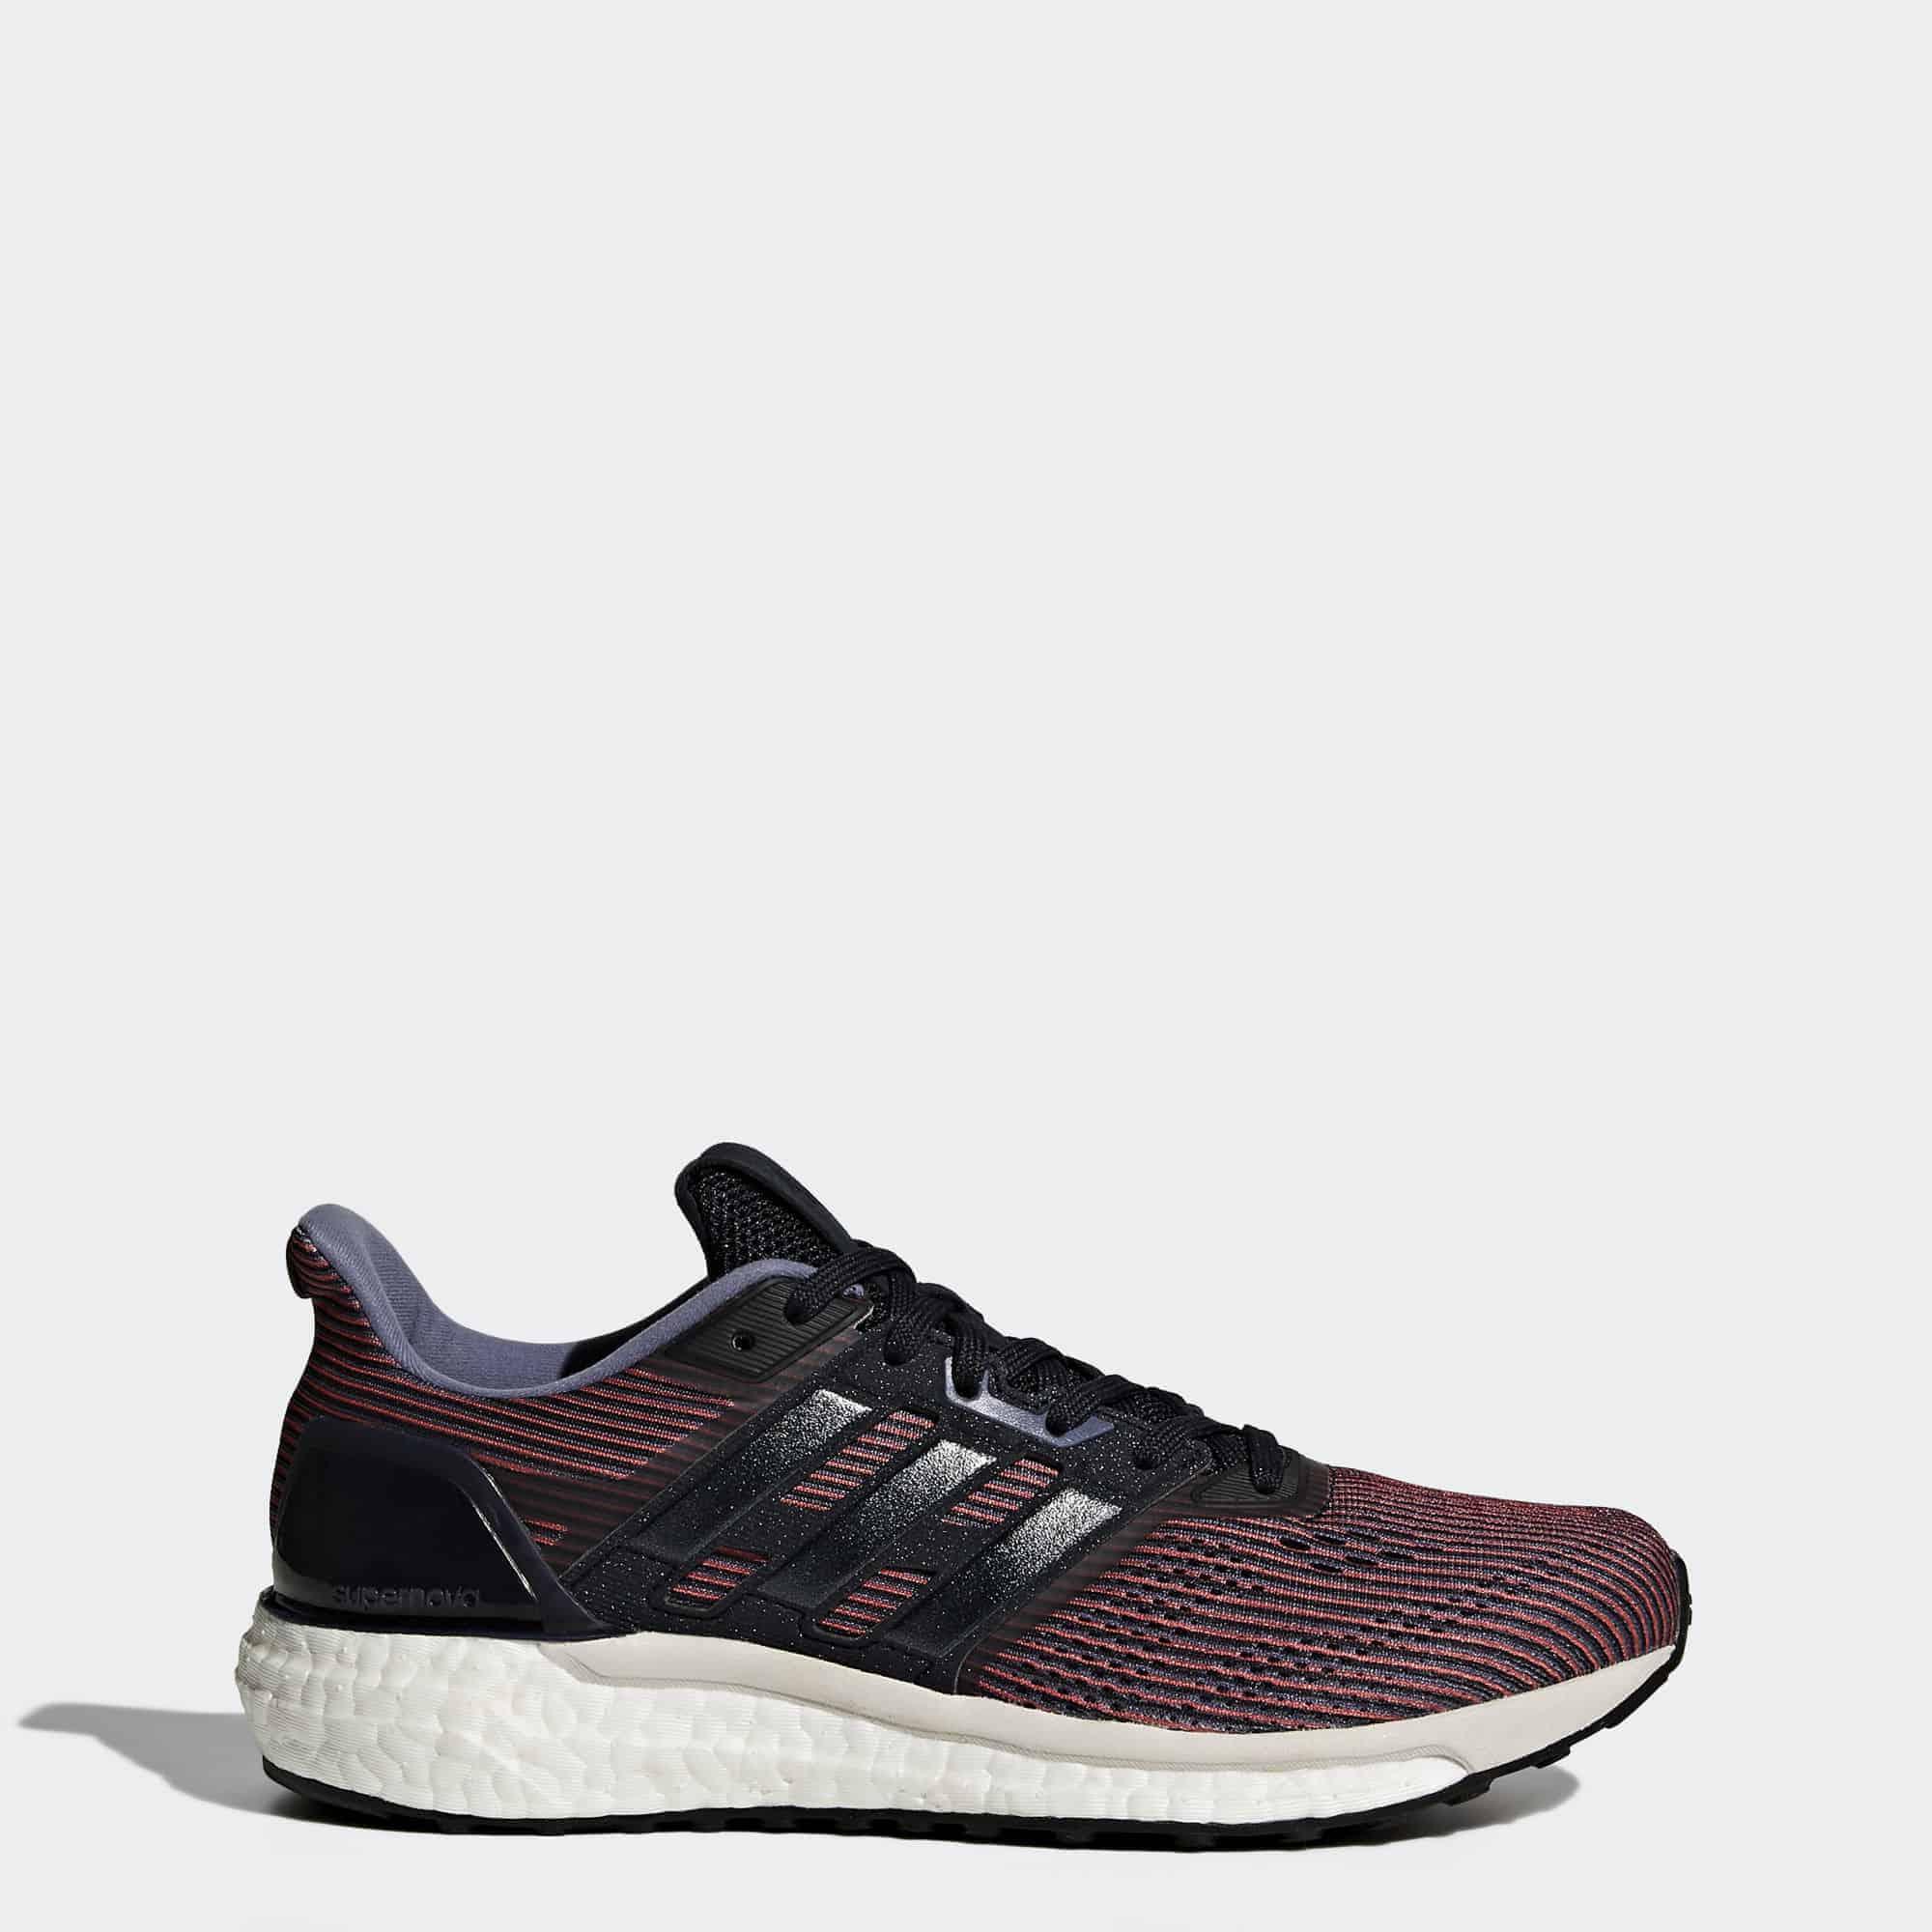 Кроссовки для бега Adidas Supernova женские